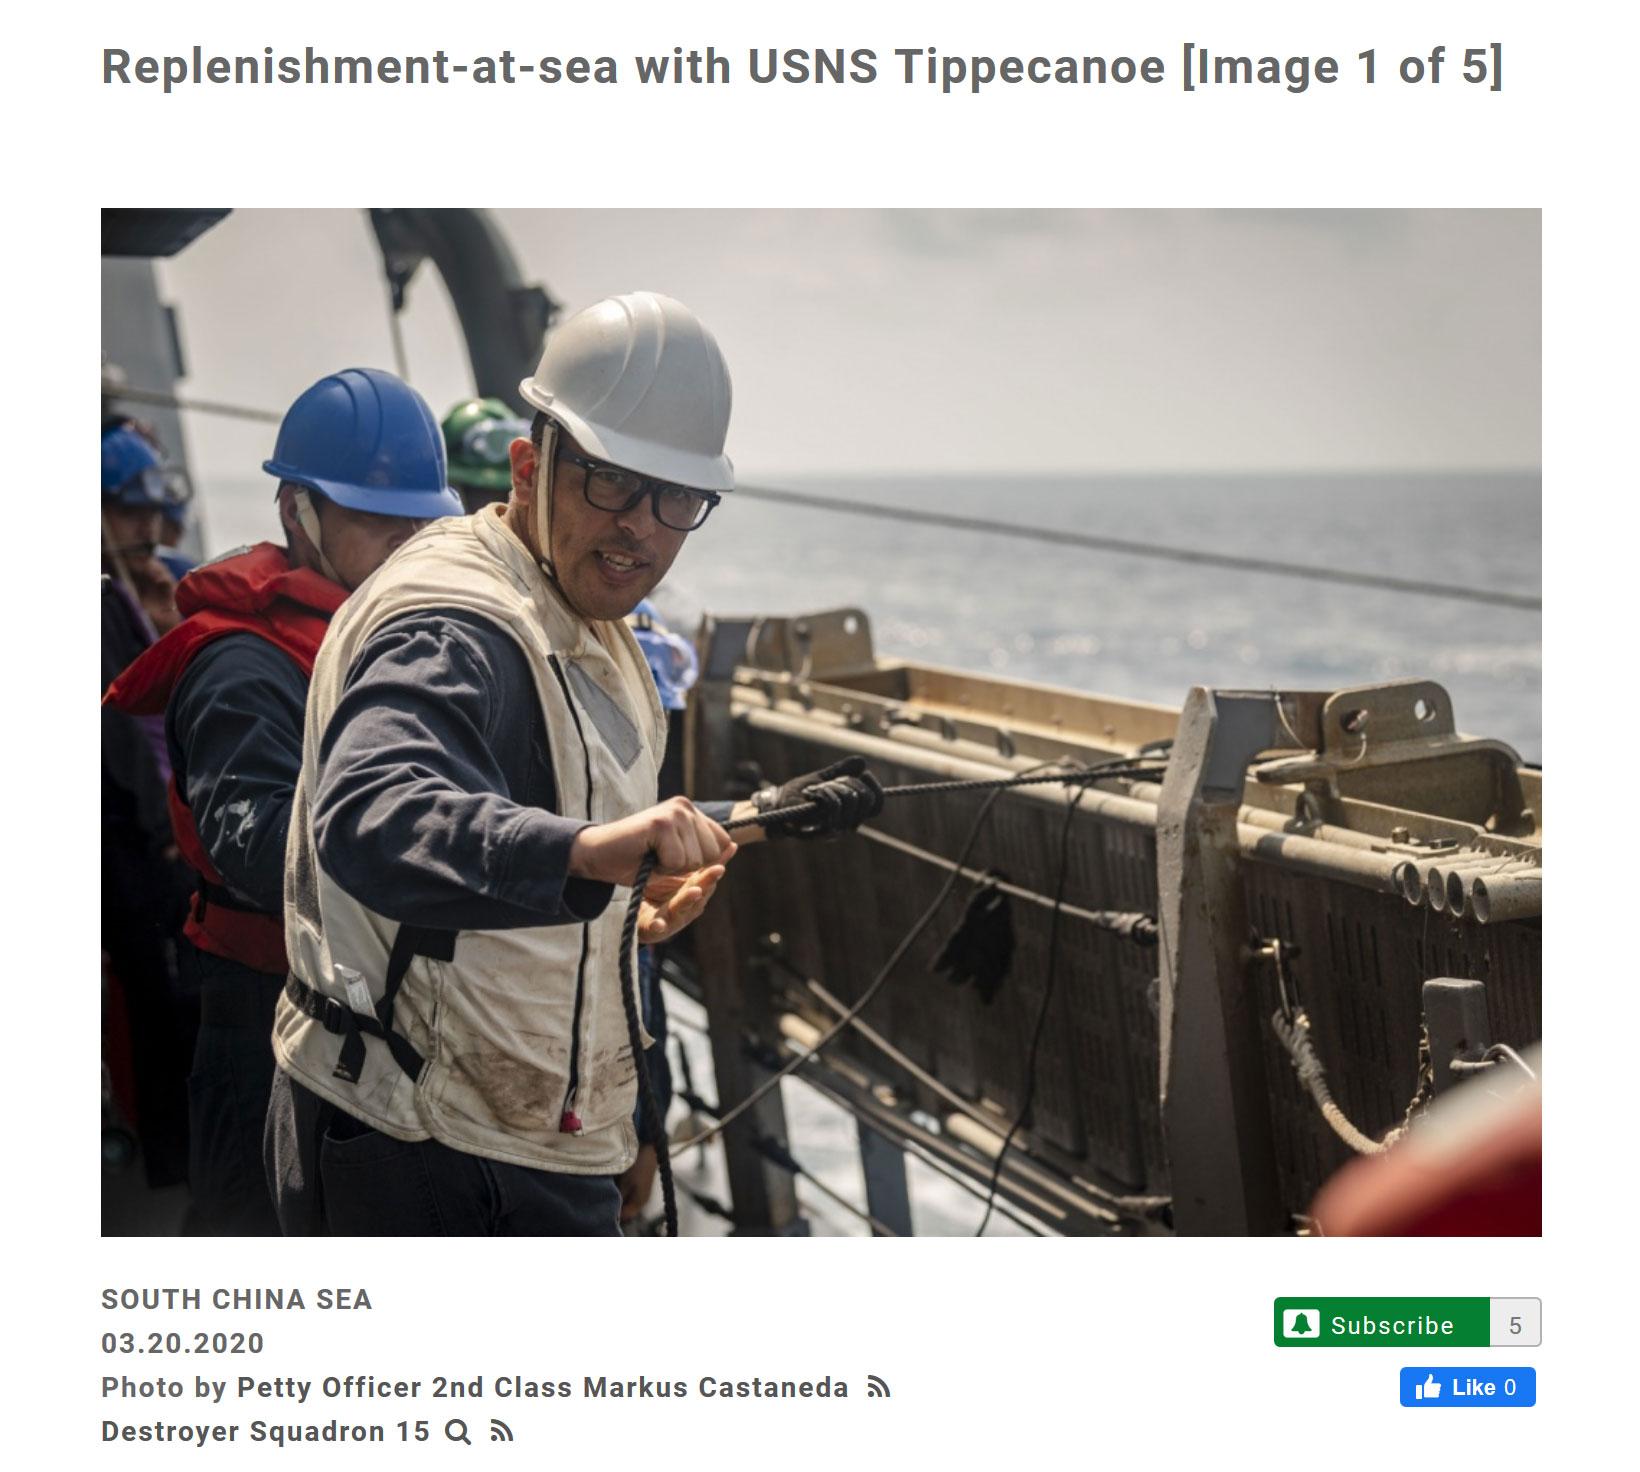 美军在南海演习补给。(出自DVIDS官网)